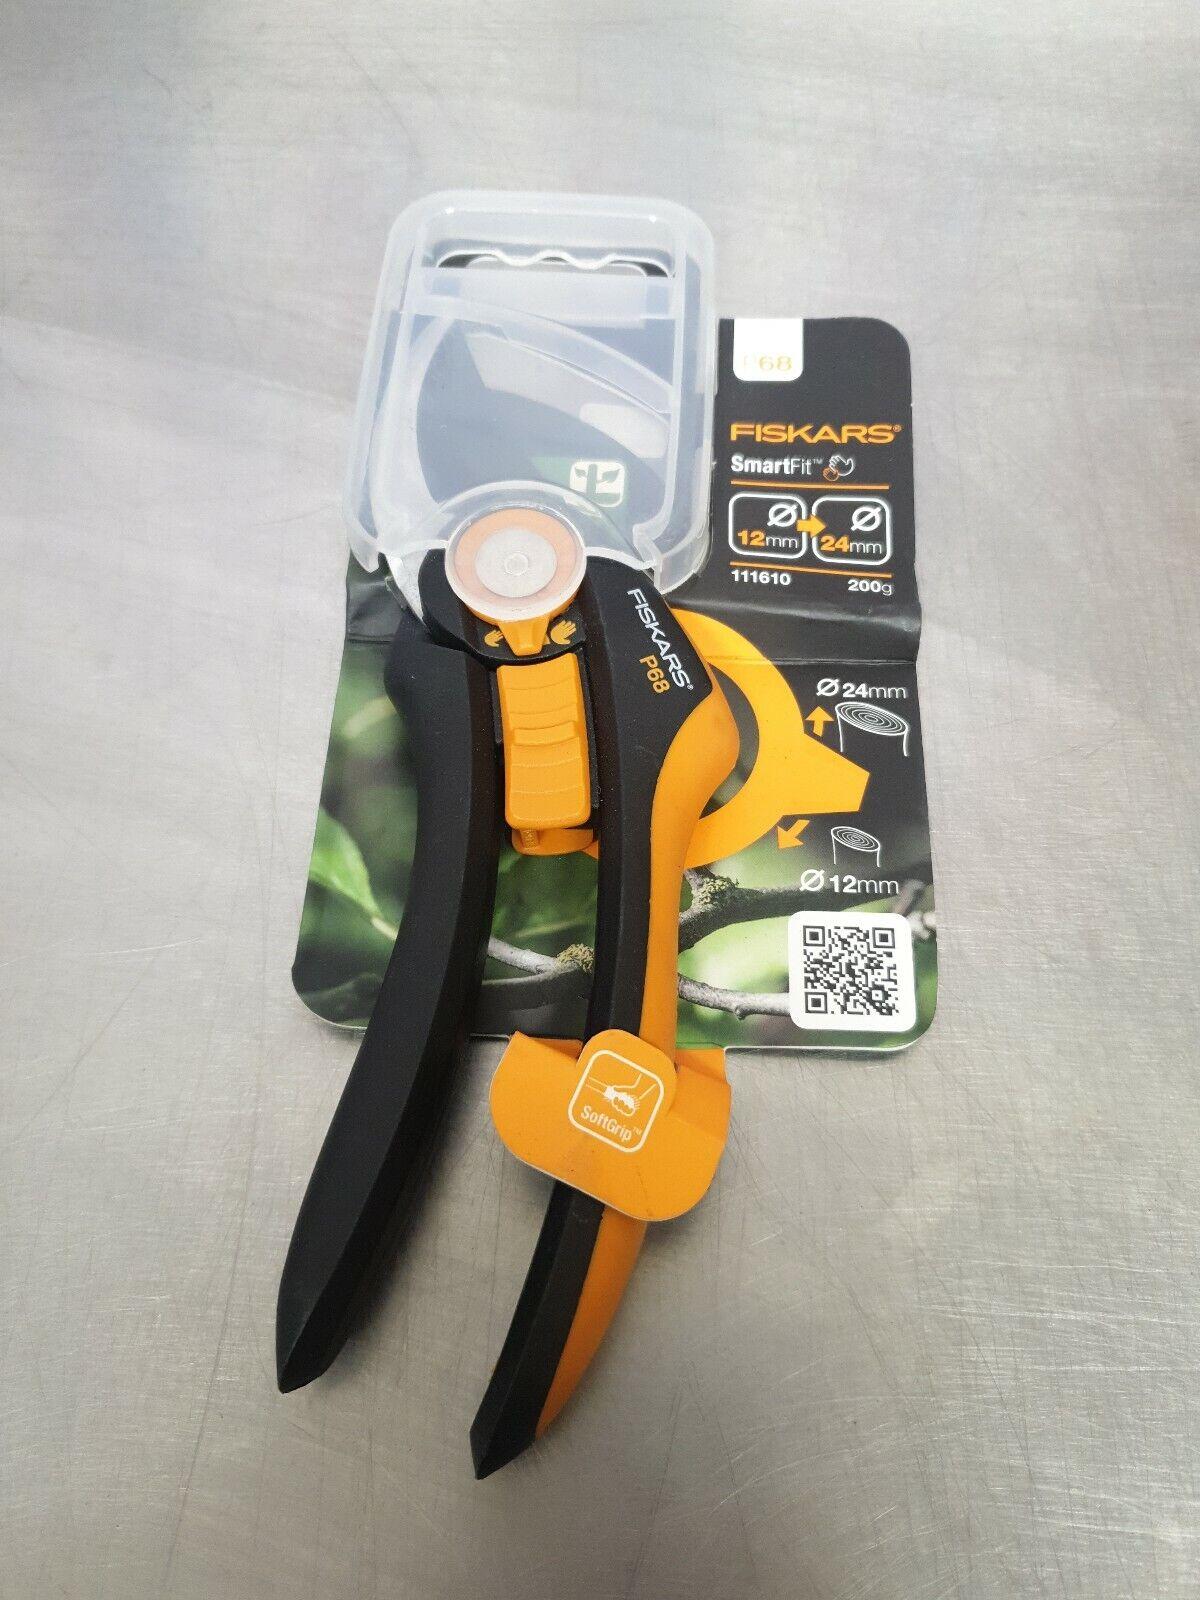 Fiskars Bypass Secateurs Pruners P68 SmartFit™ Cutting 24mm Branches Gardening